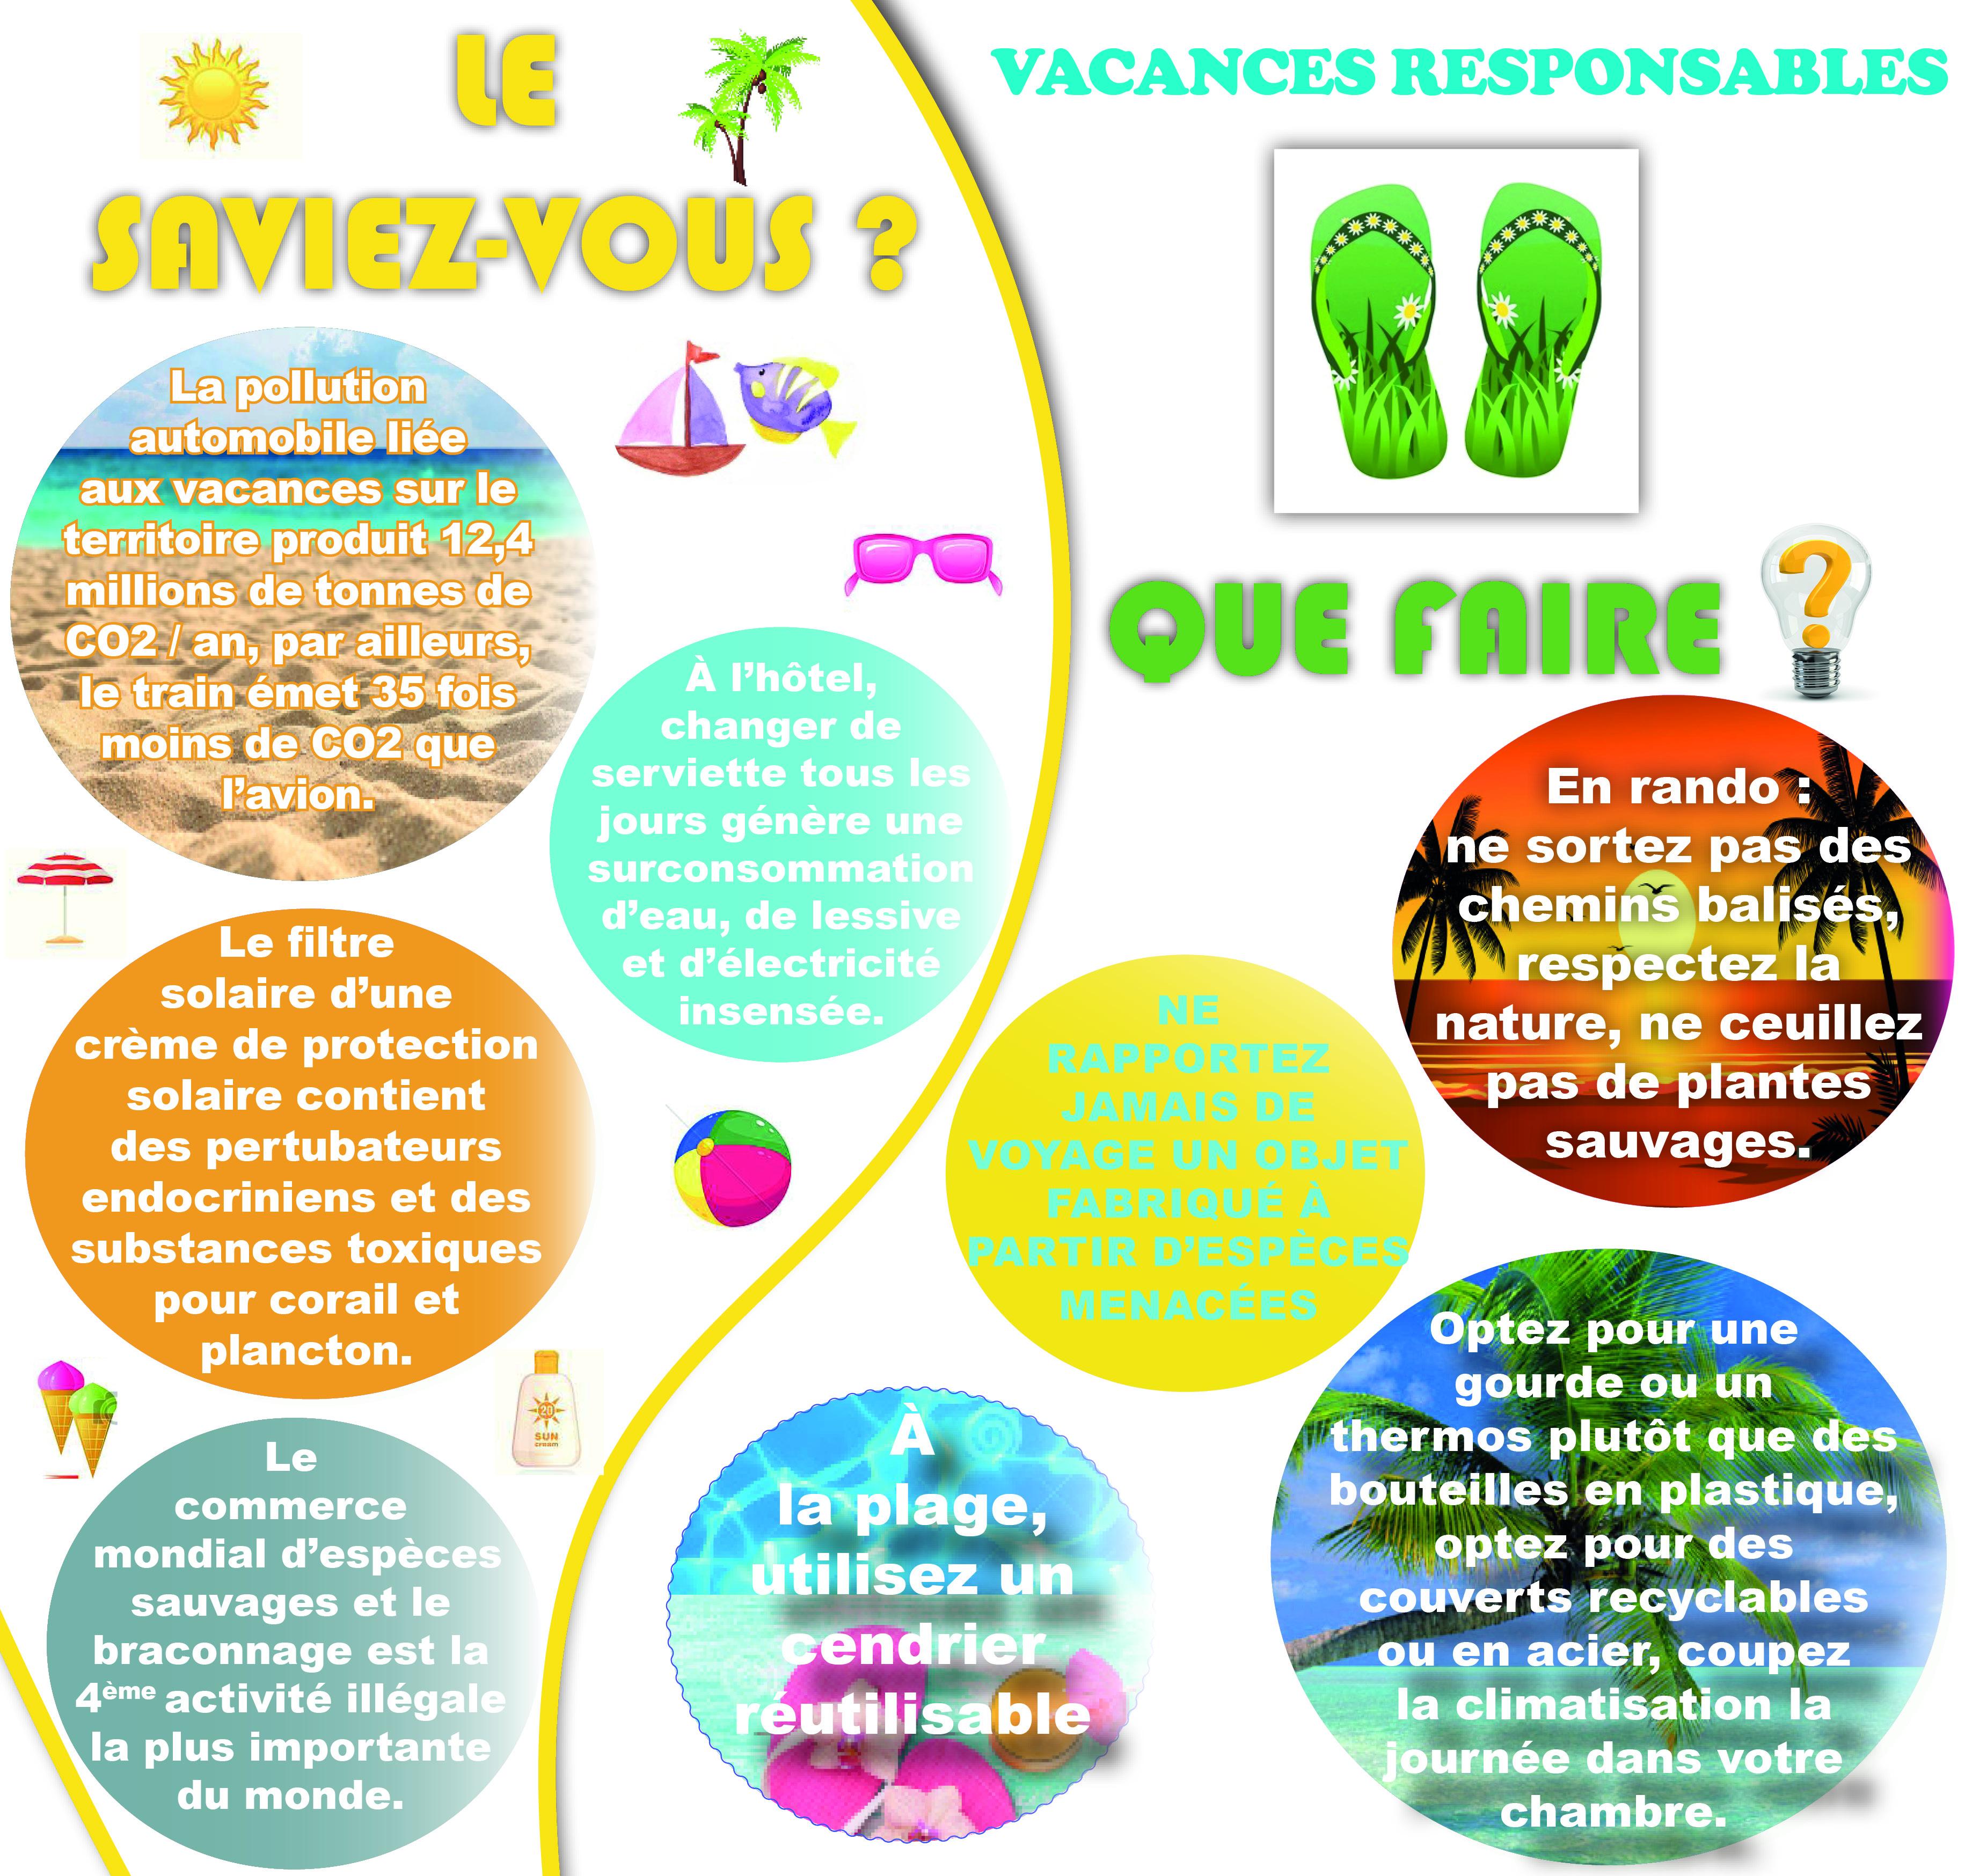 GE Vacances Responsables2